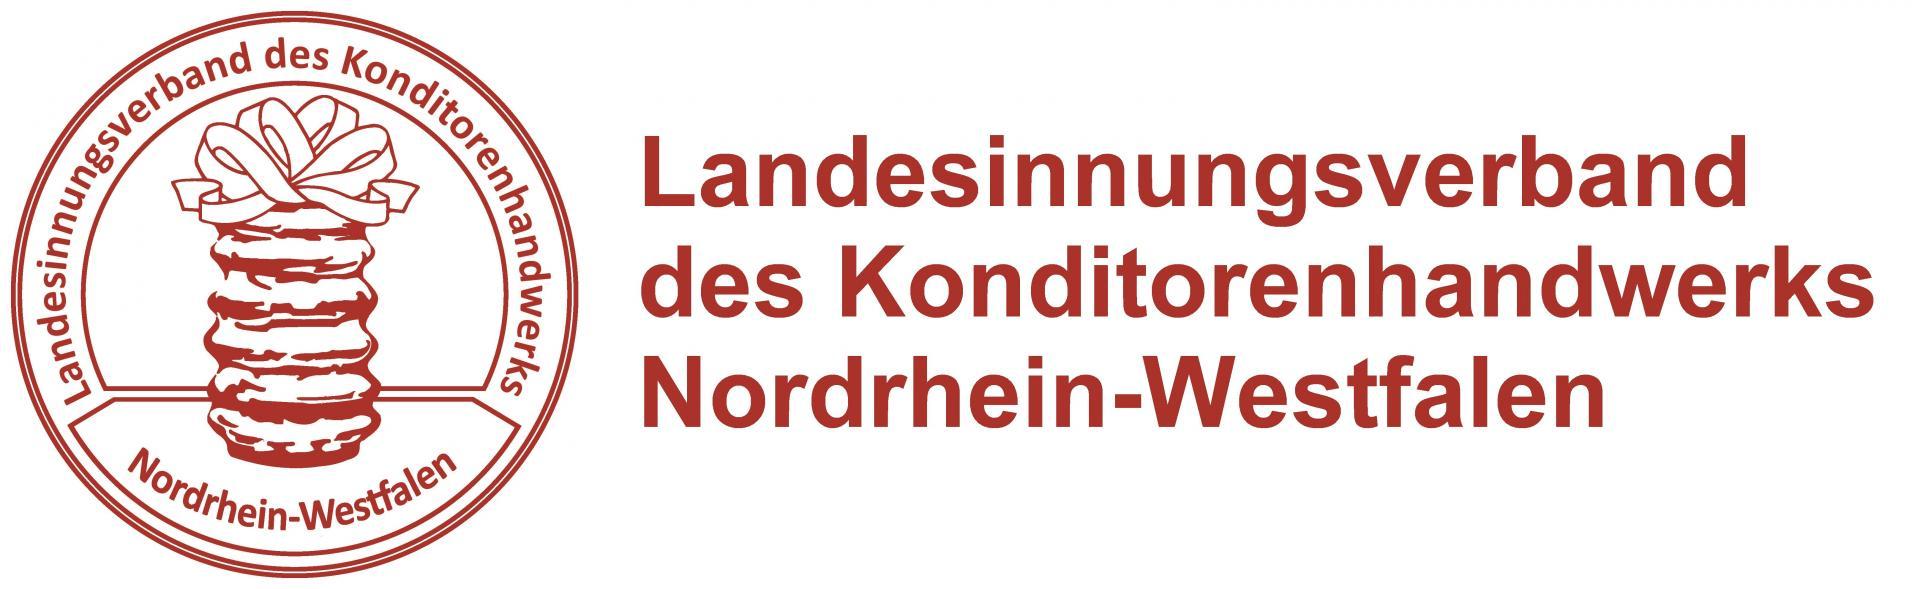 Landesinnungsverband des Konditorenhandwerks NRW